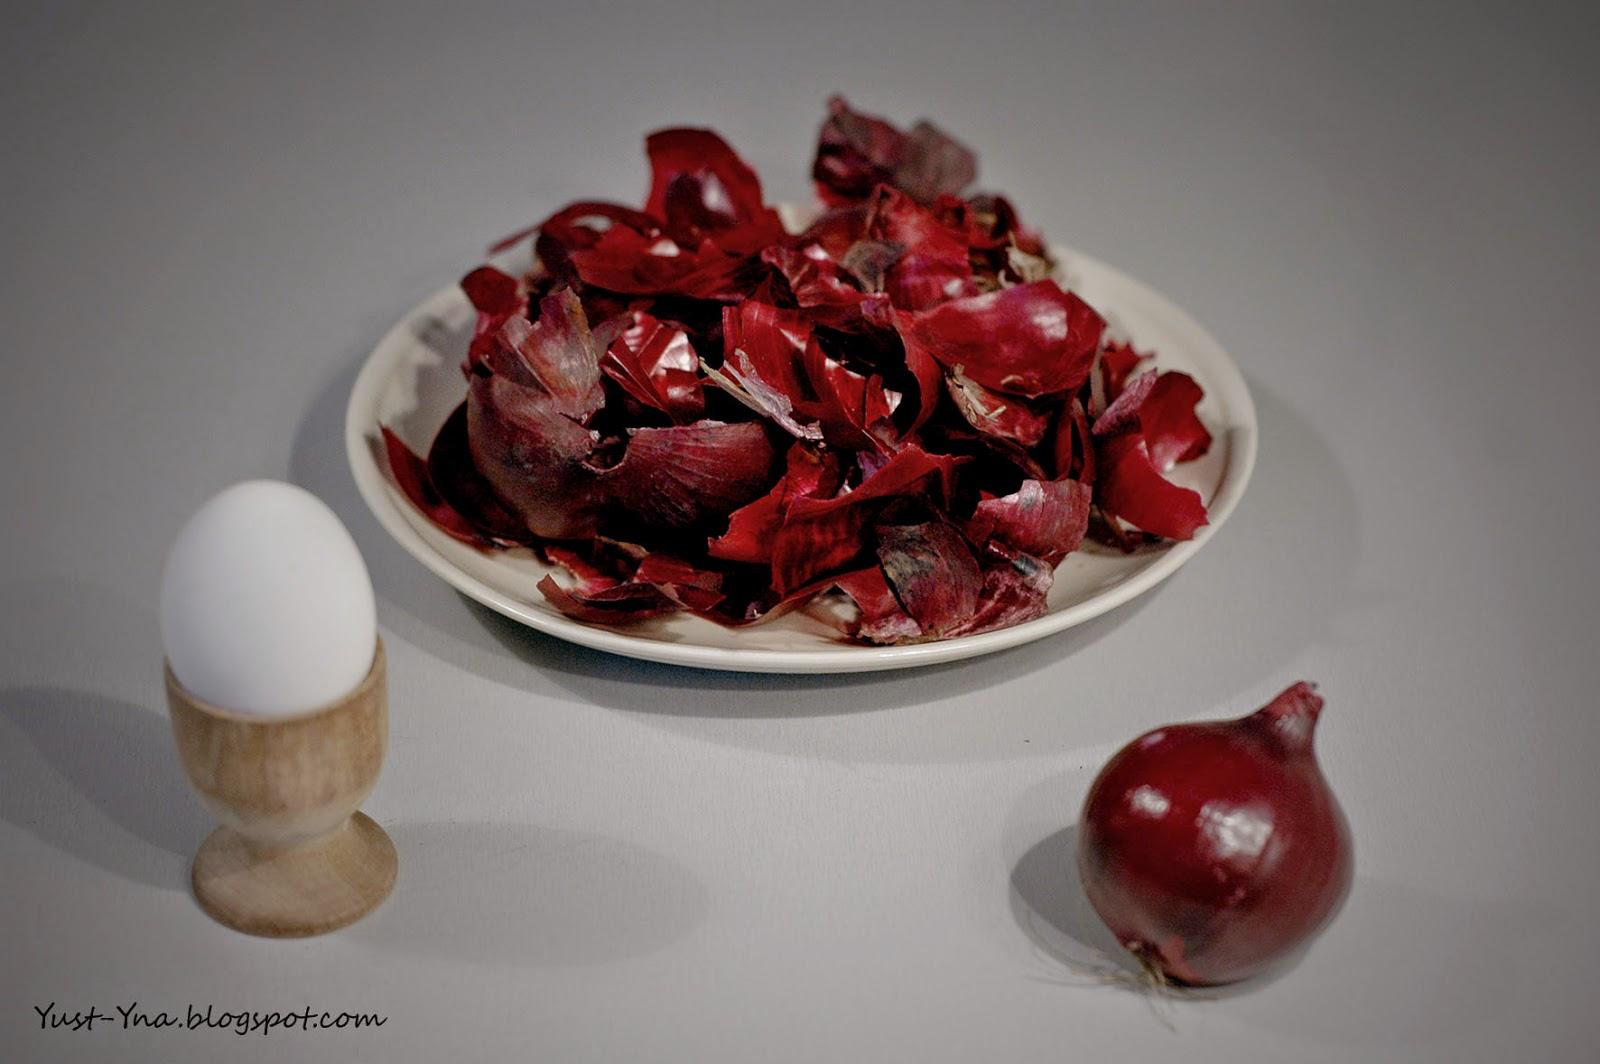 Farbowanie jajek czerwoną cebulą